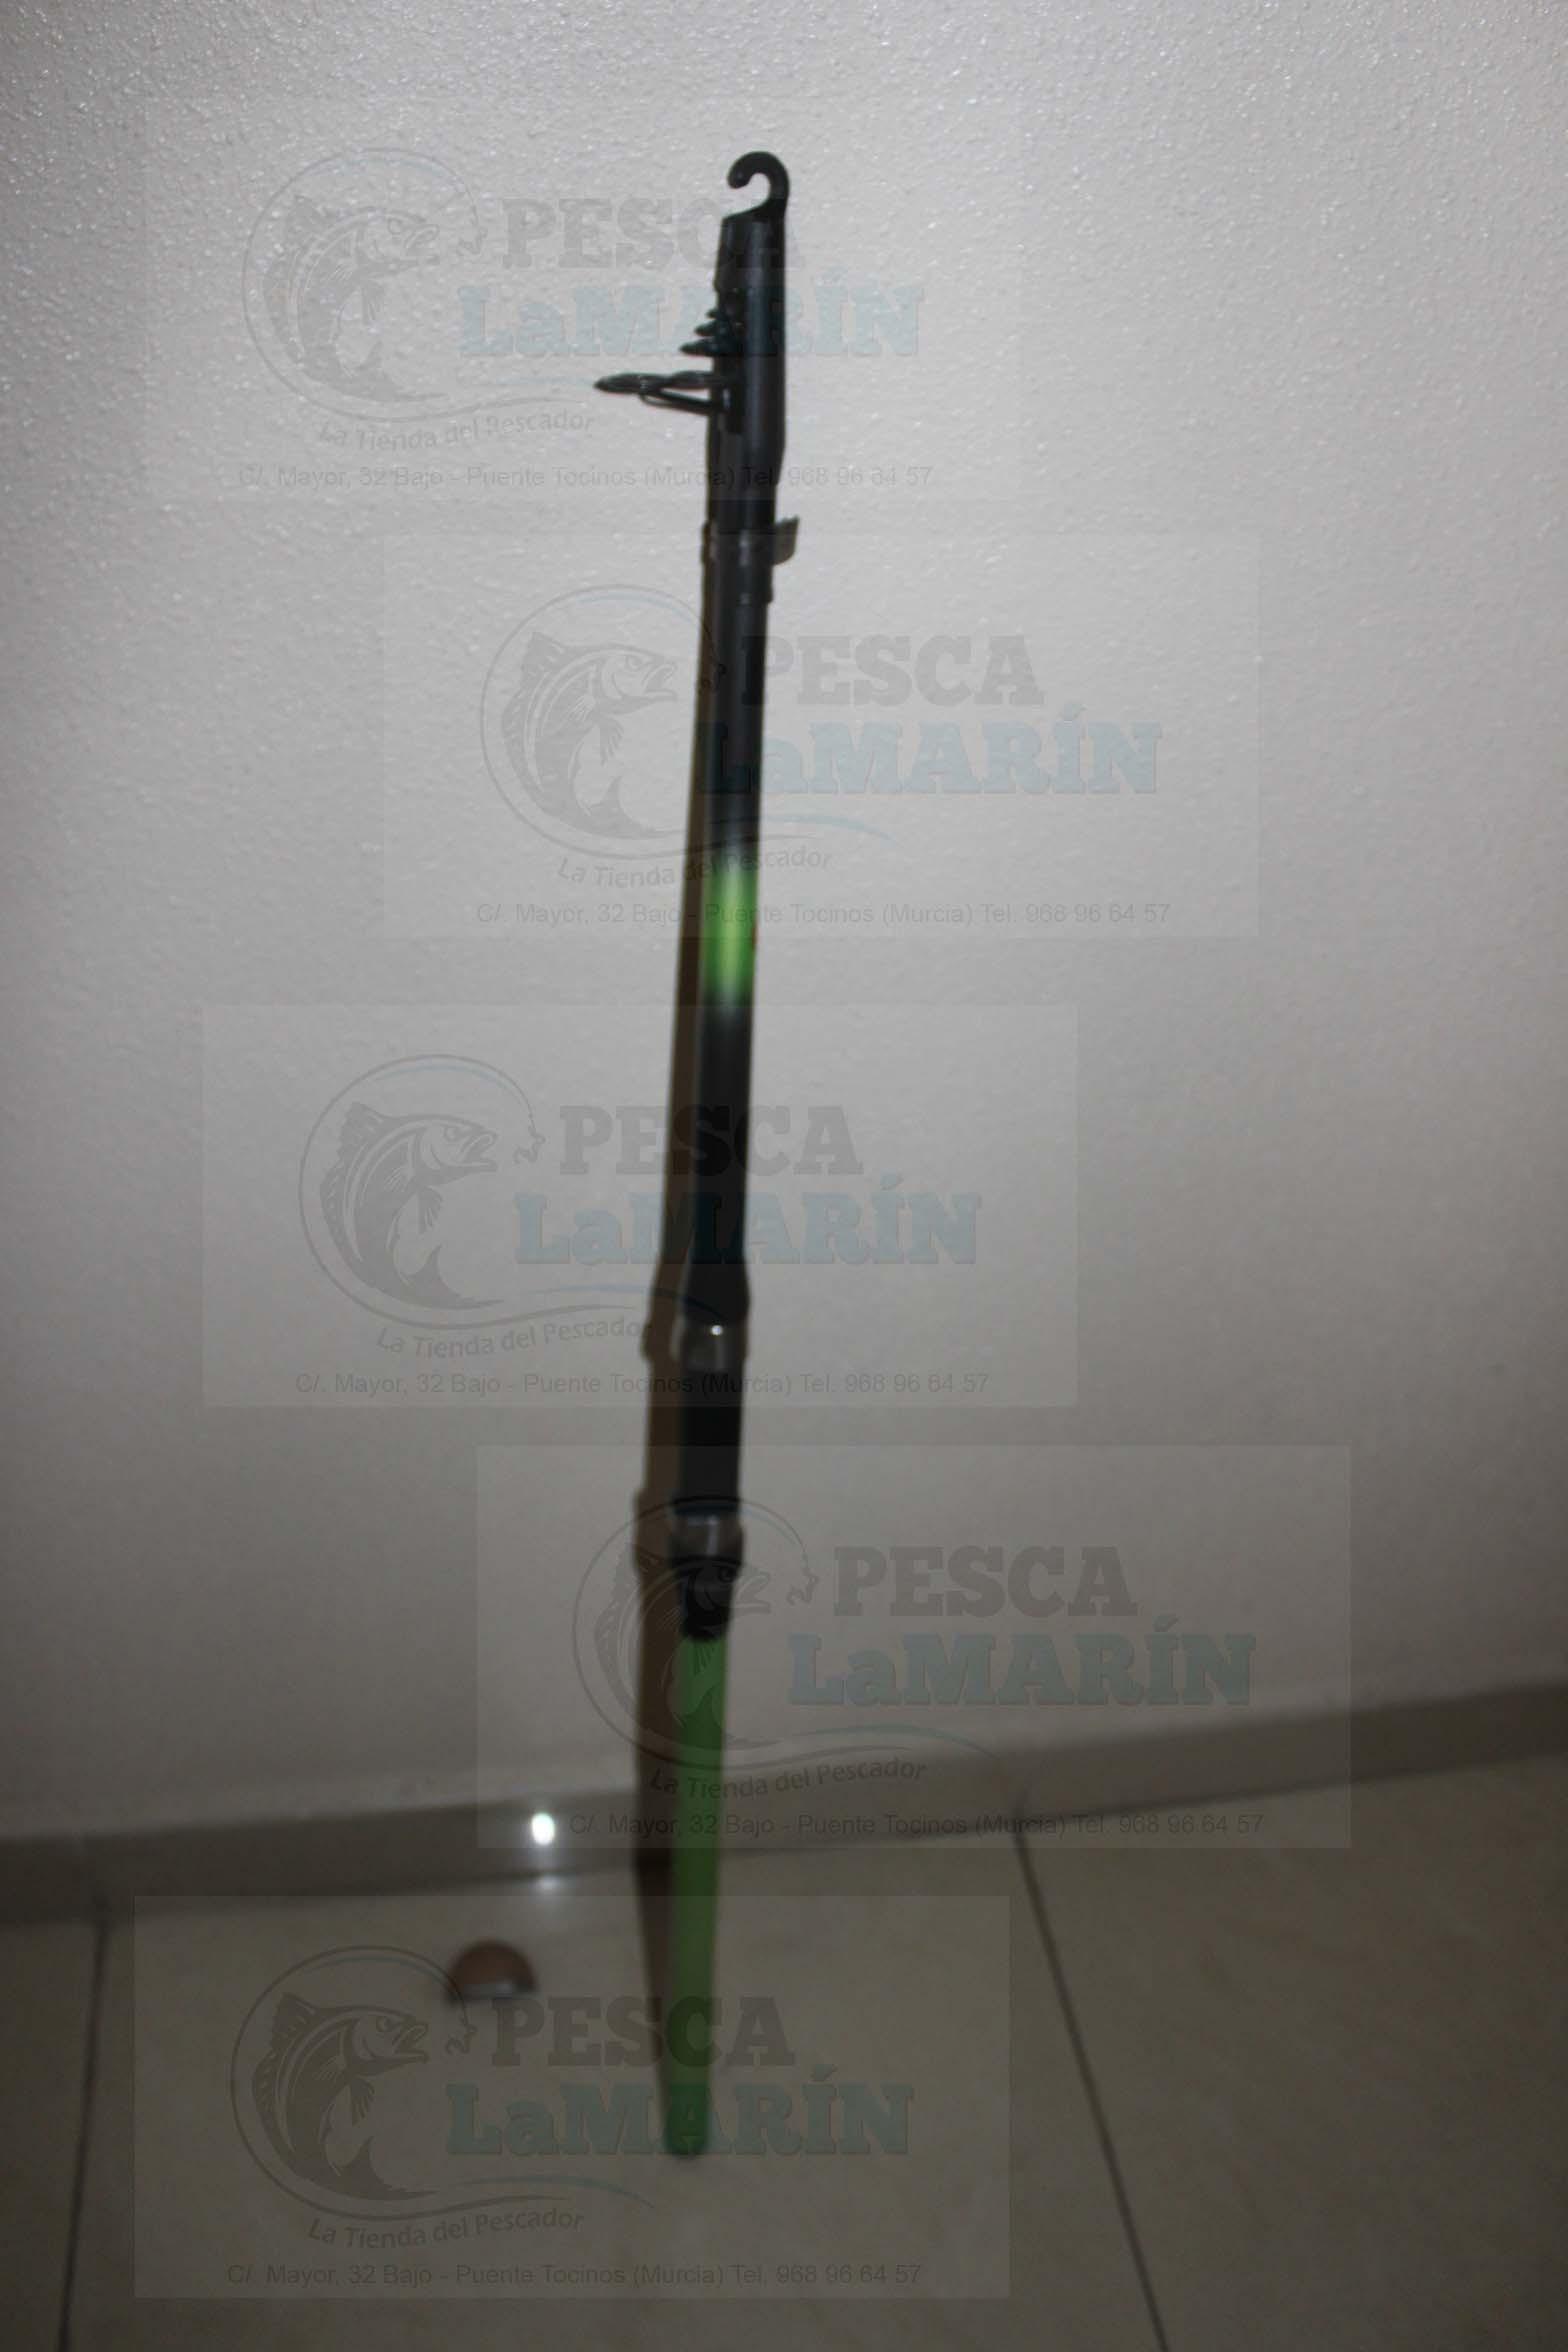 Caña Telescopica Spinning Y Boya Carbono Roda 210 Y 240 Pesca Lamarin